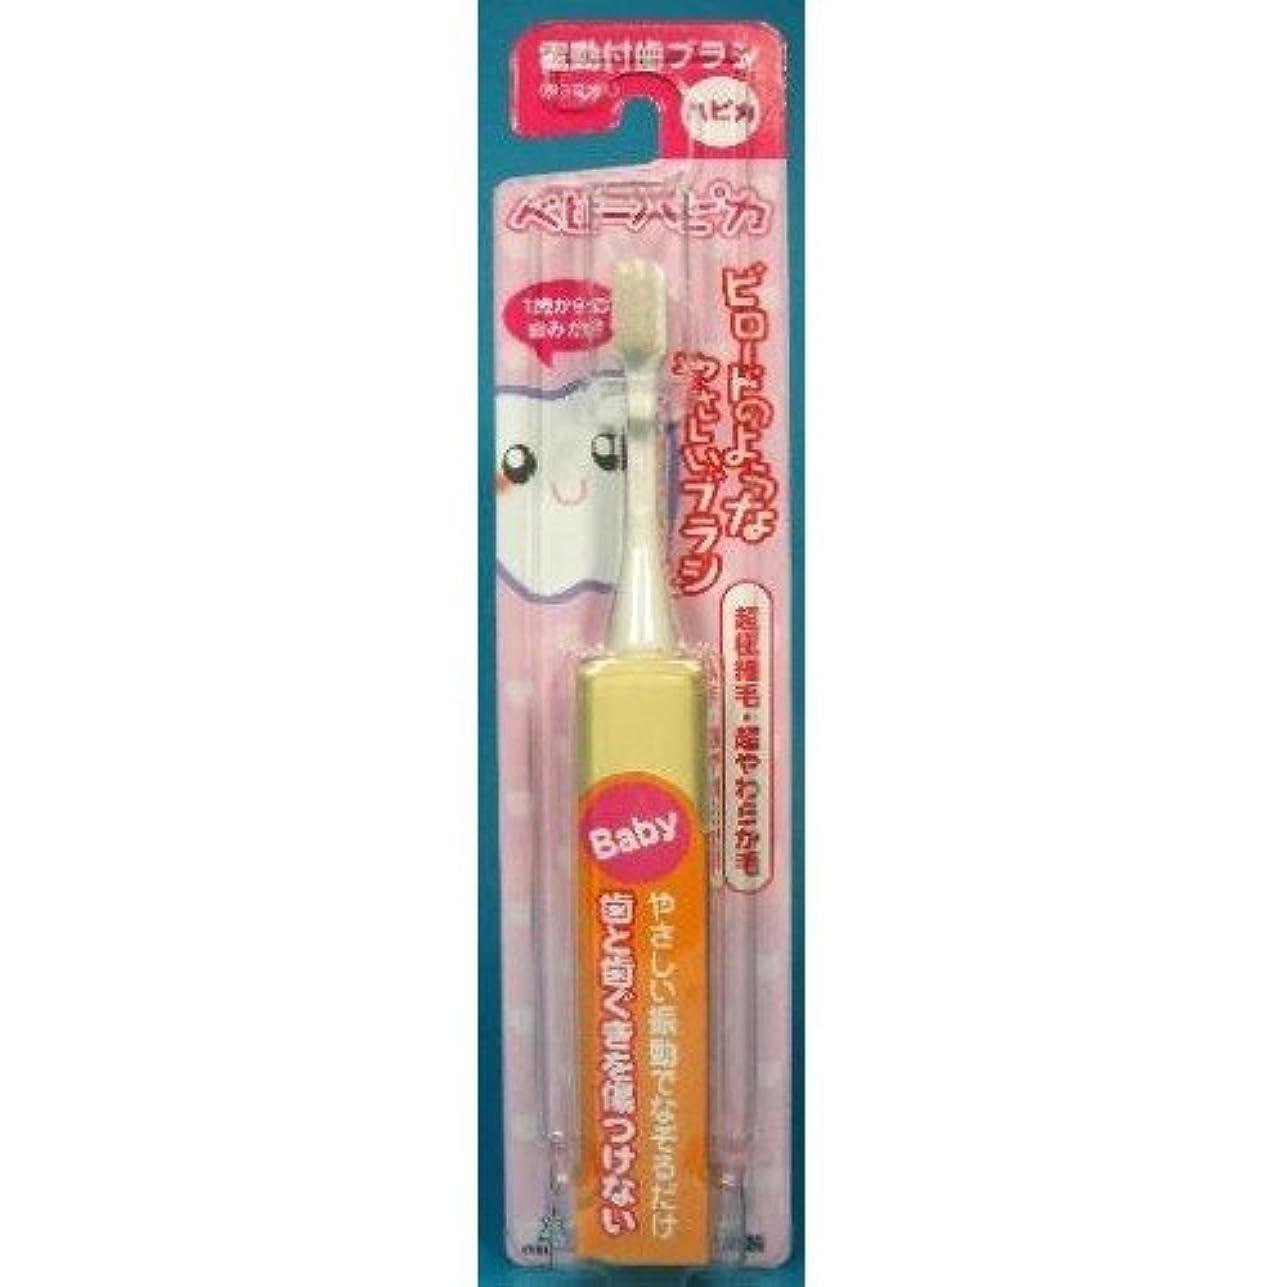 悪因子抽出単なるミニマム 電動付歯ブラシ ベビーハピカ イエロー 毛の硬さ:超やわらかめ DBB-1Y(BP)